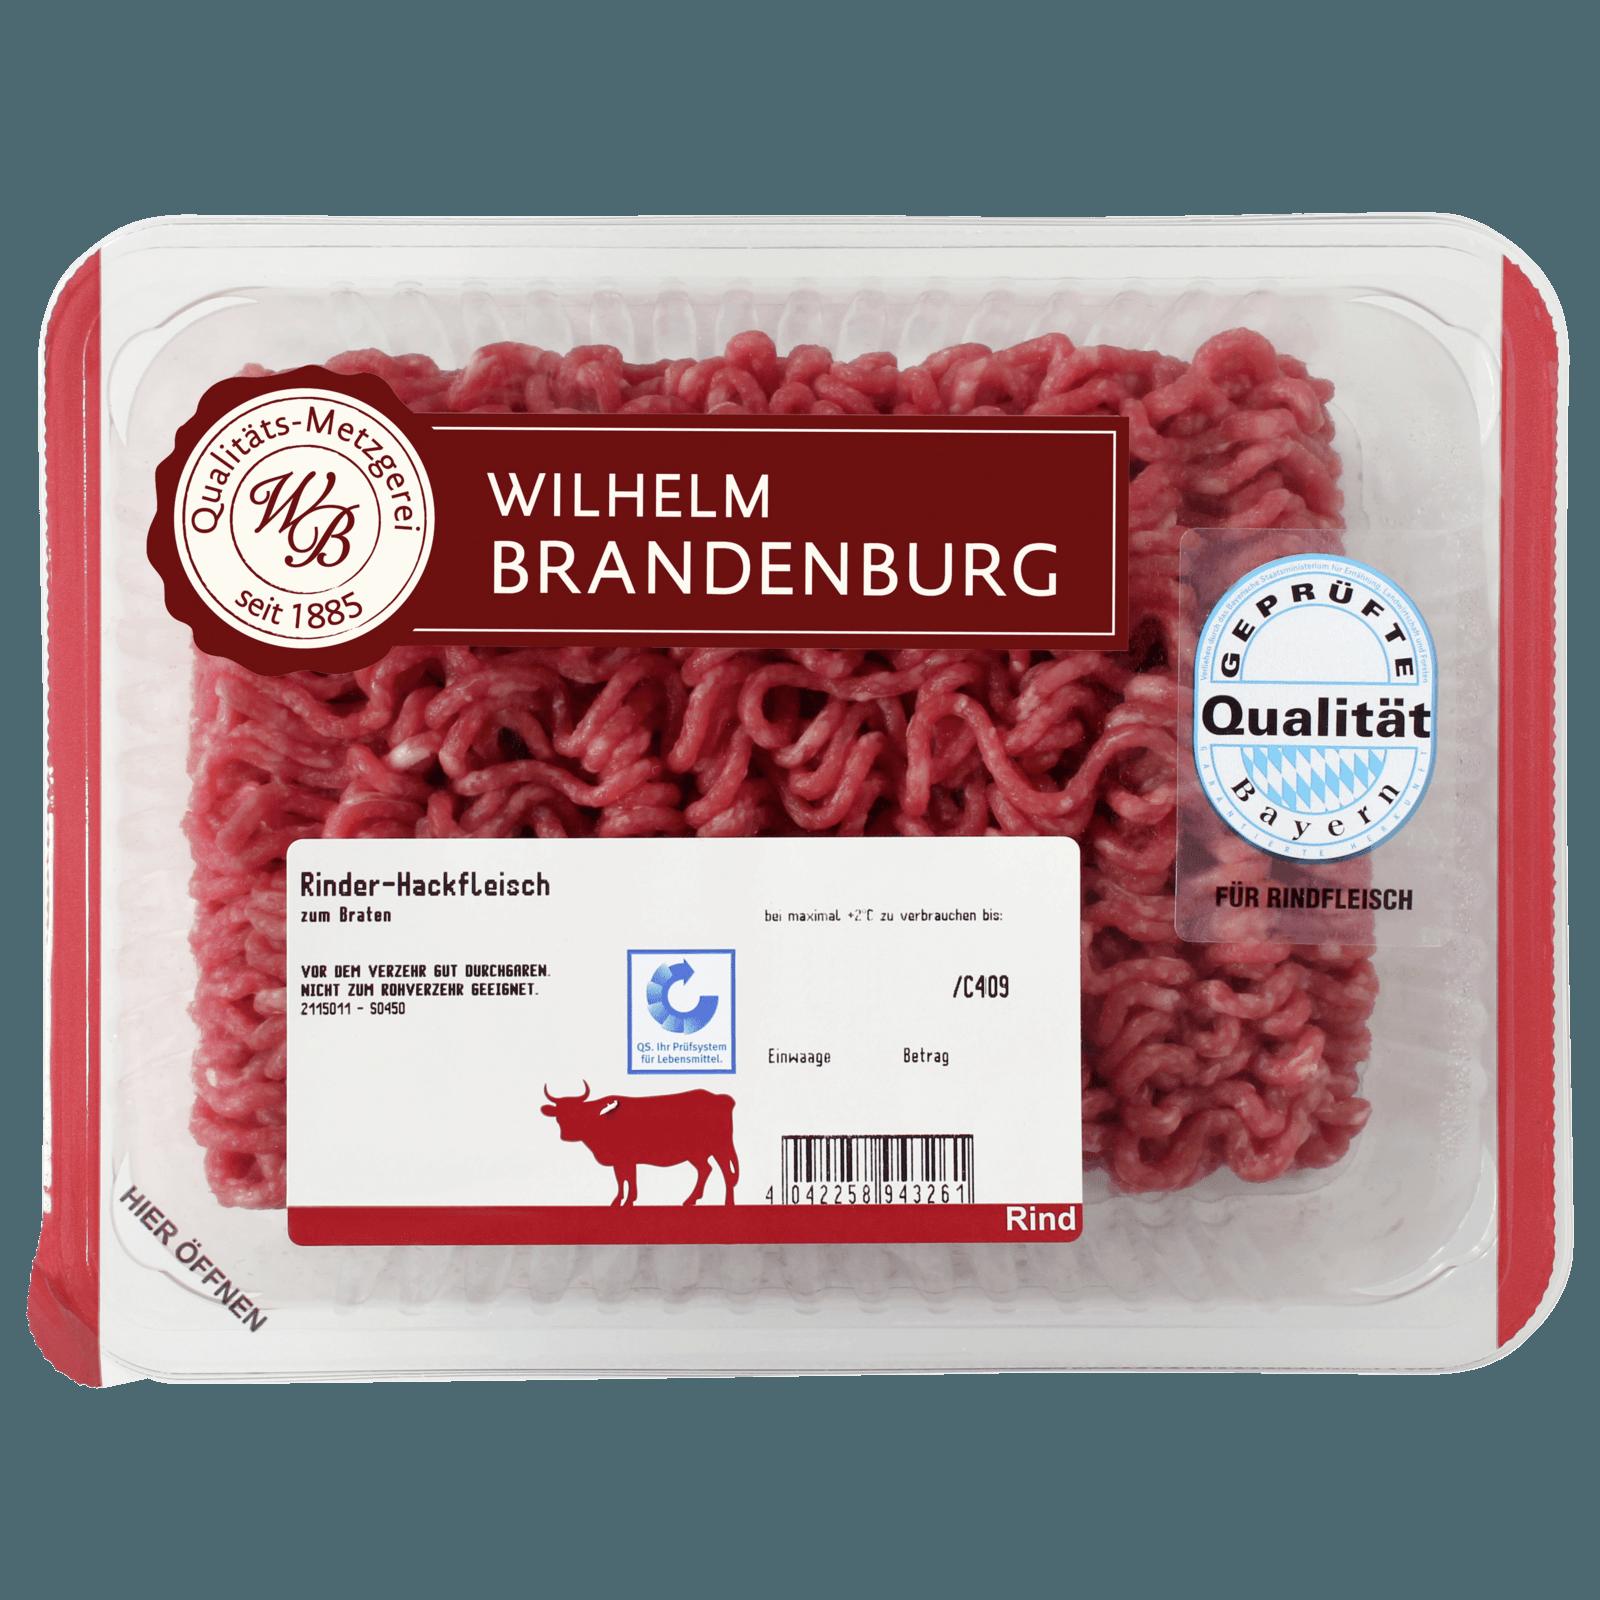 Wilhelm Brandenburg Rinderhackfleisch 250g Bei Rewe Online Bestellen